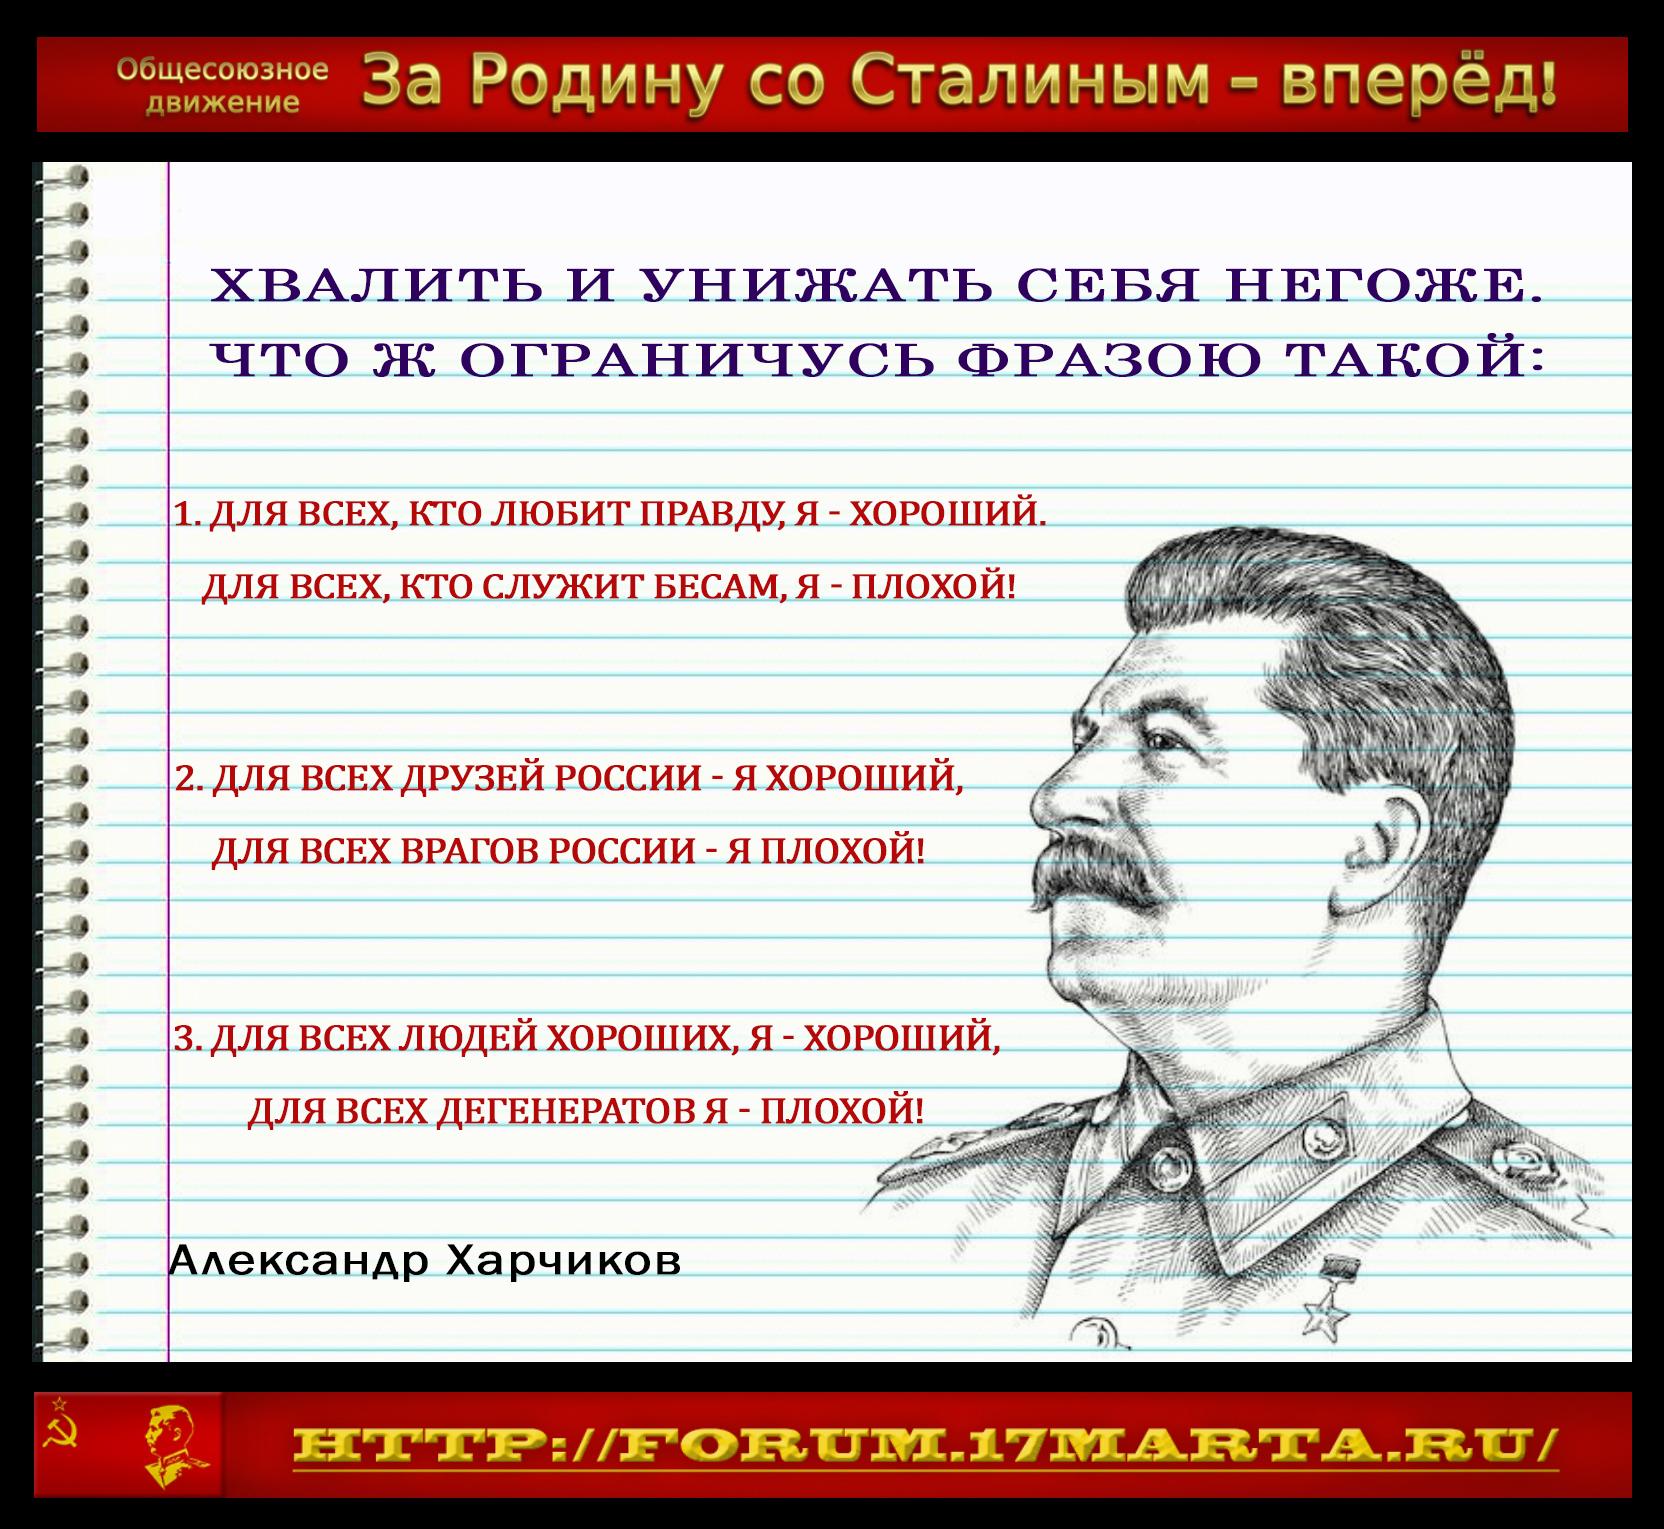 https://images.vfl.ru/ii/1531665171/882d355b/22494722.jpg